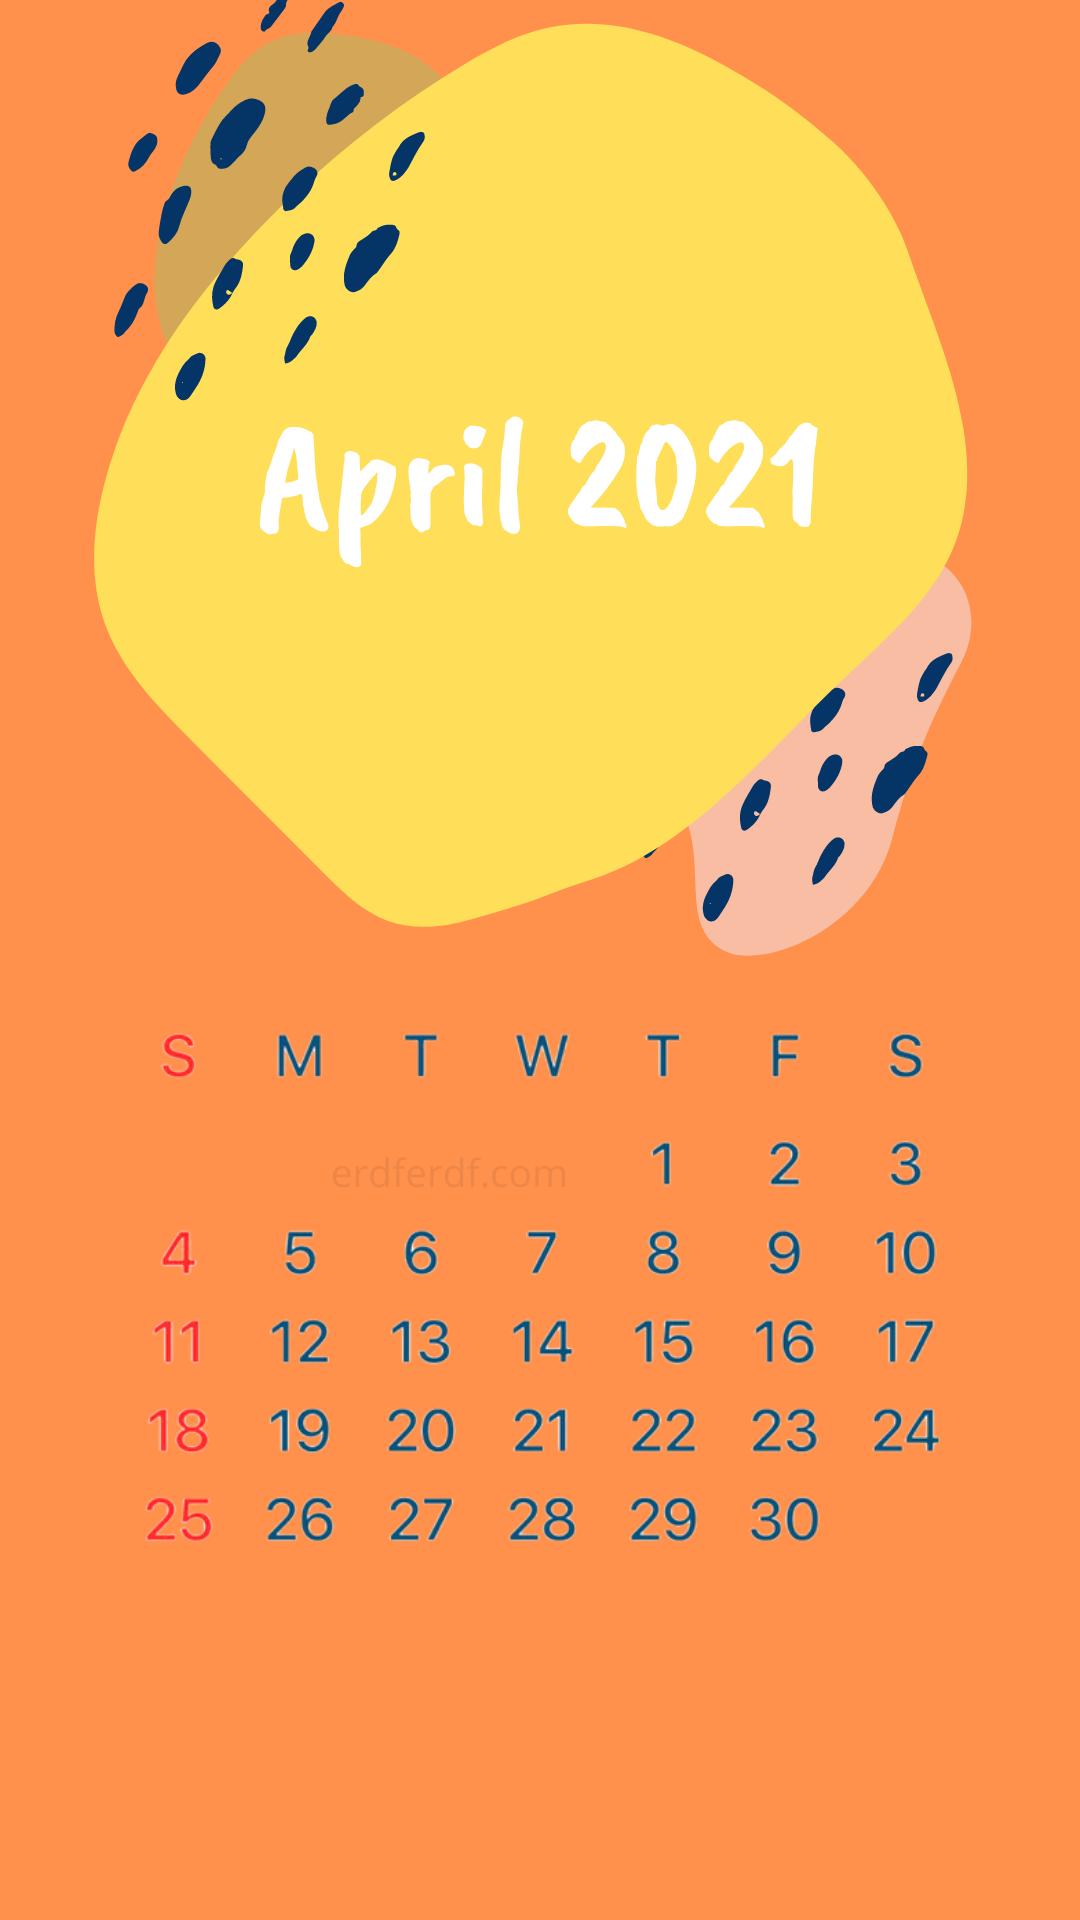 Iphone Wallpaper April 2021 Calendar Orange Dark